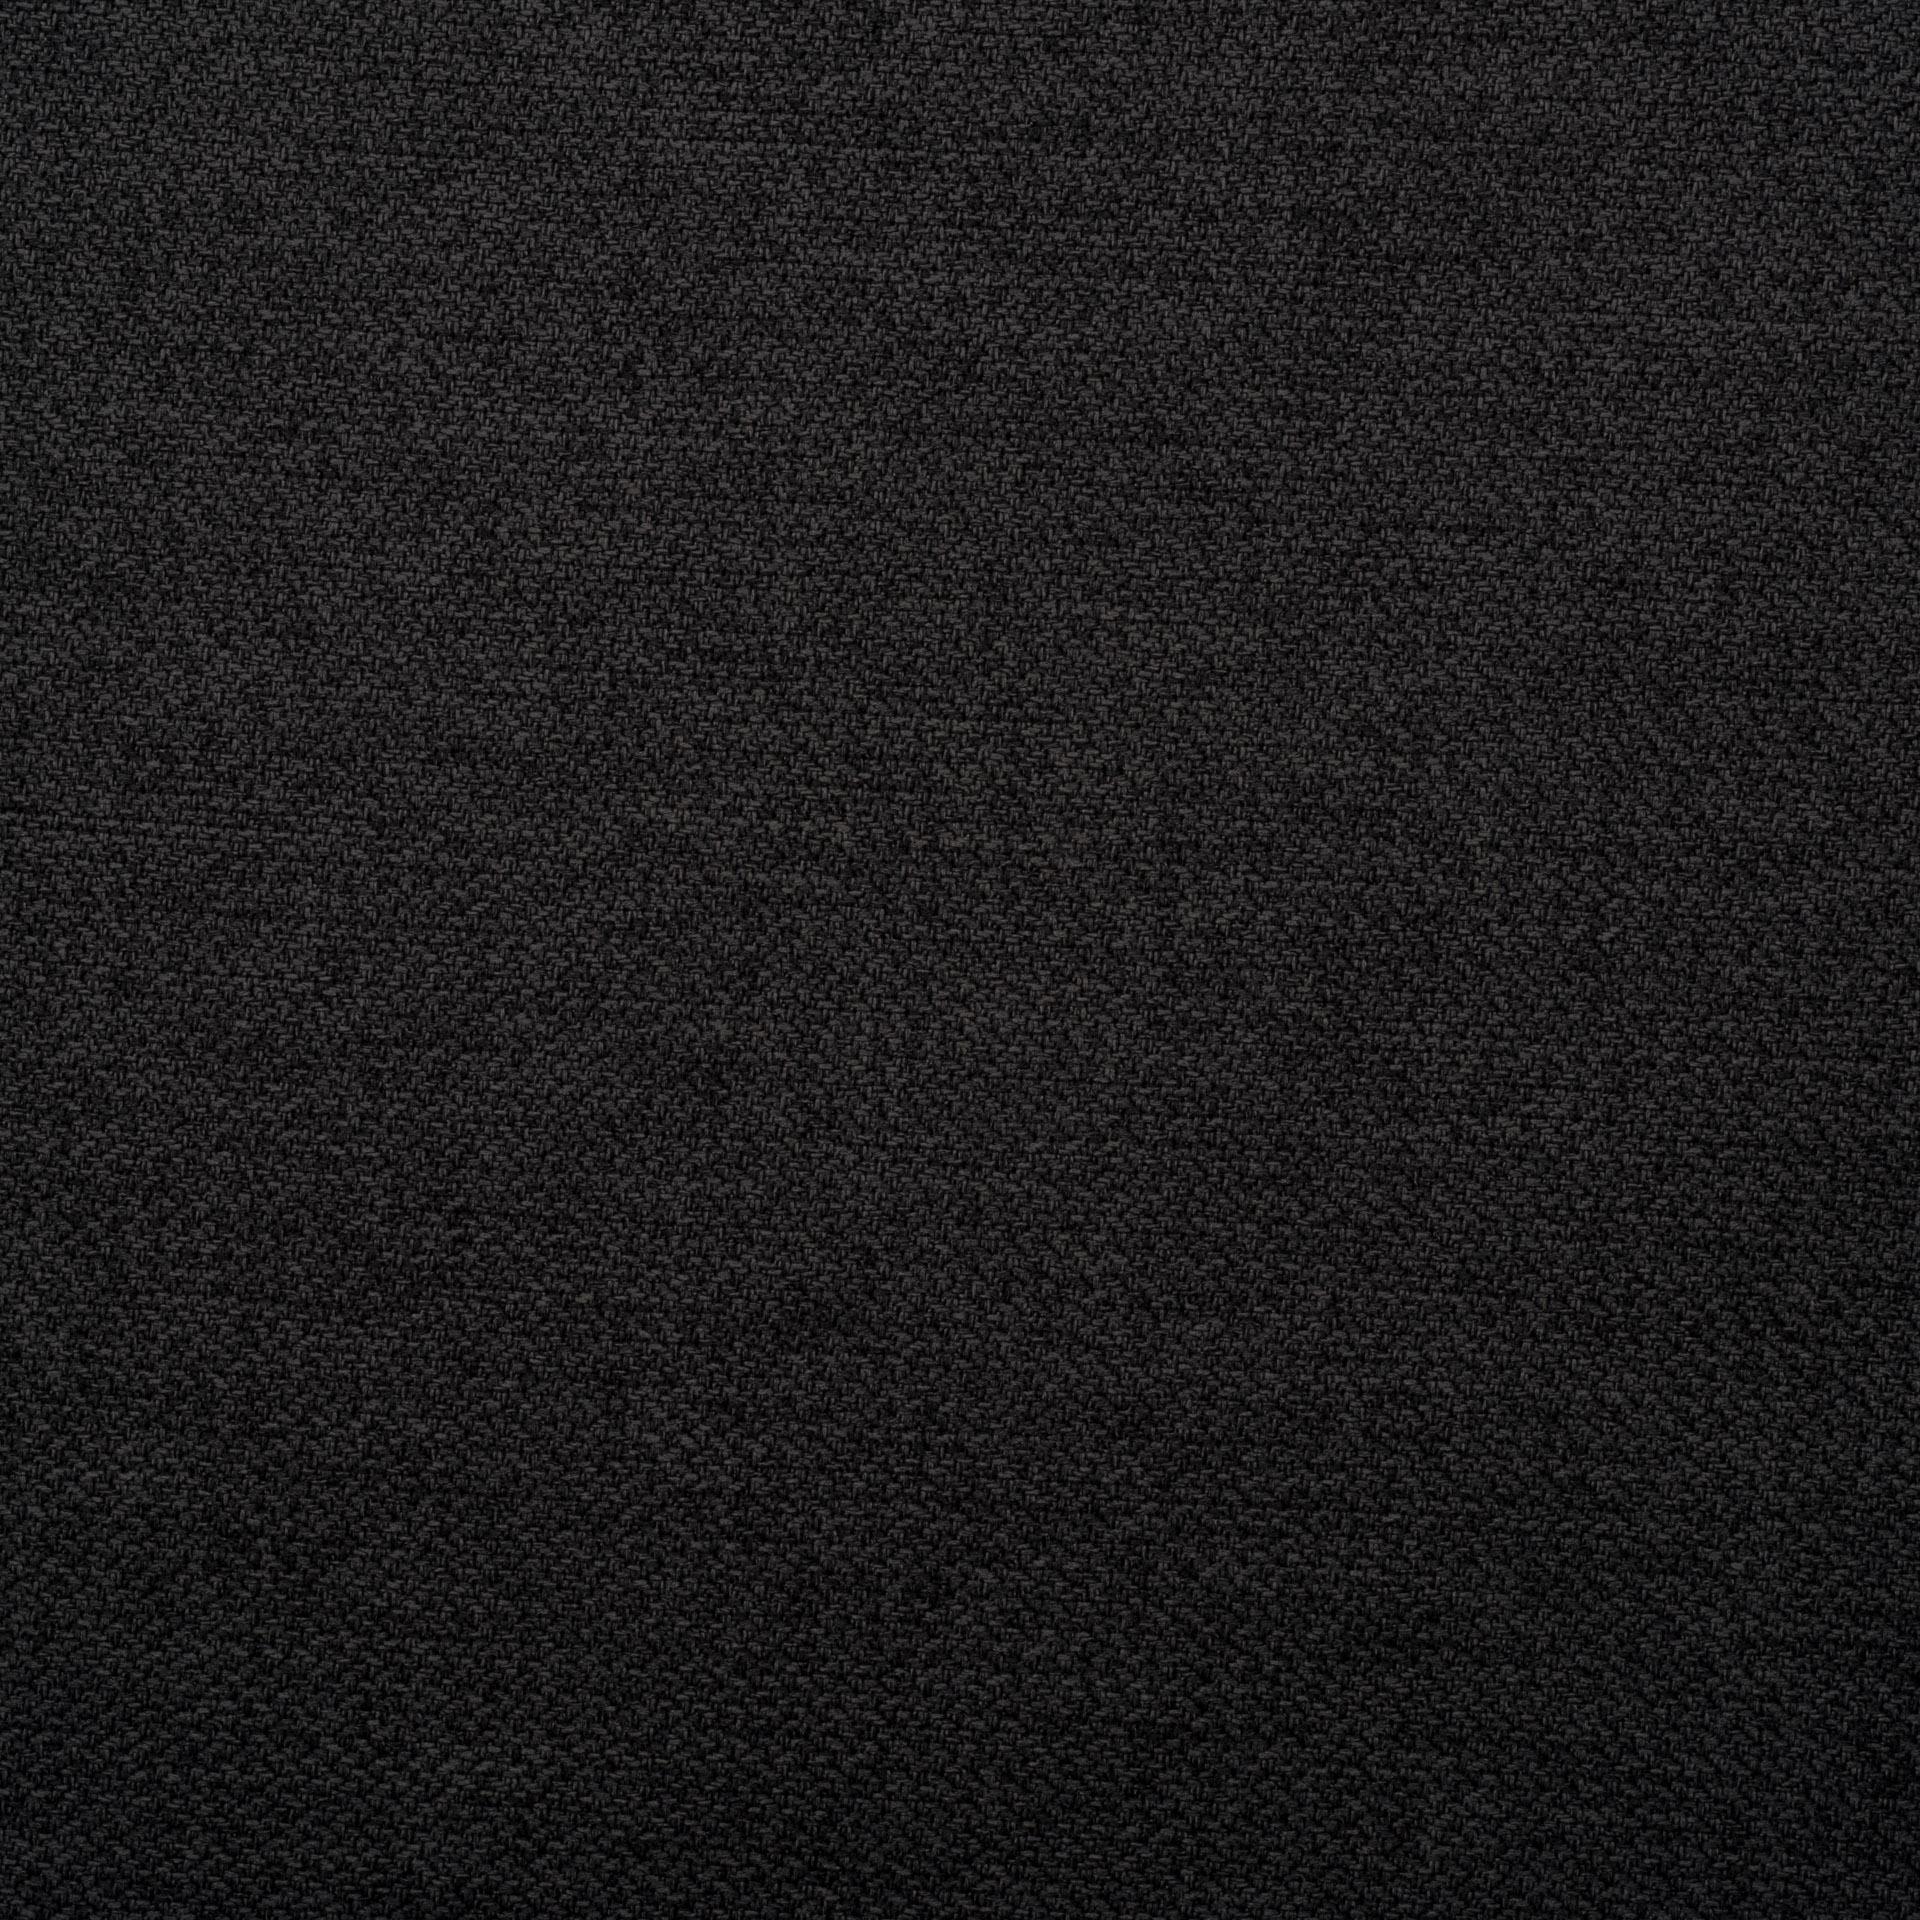 Коллекция ткани Мальмо BLACK 96,  купить ткань Жаккард для мебели Украина